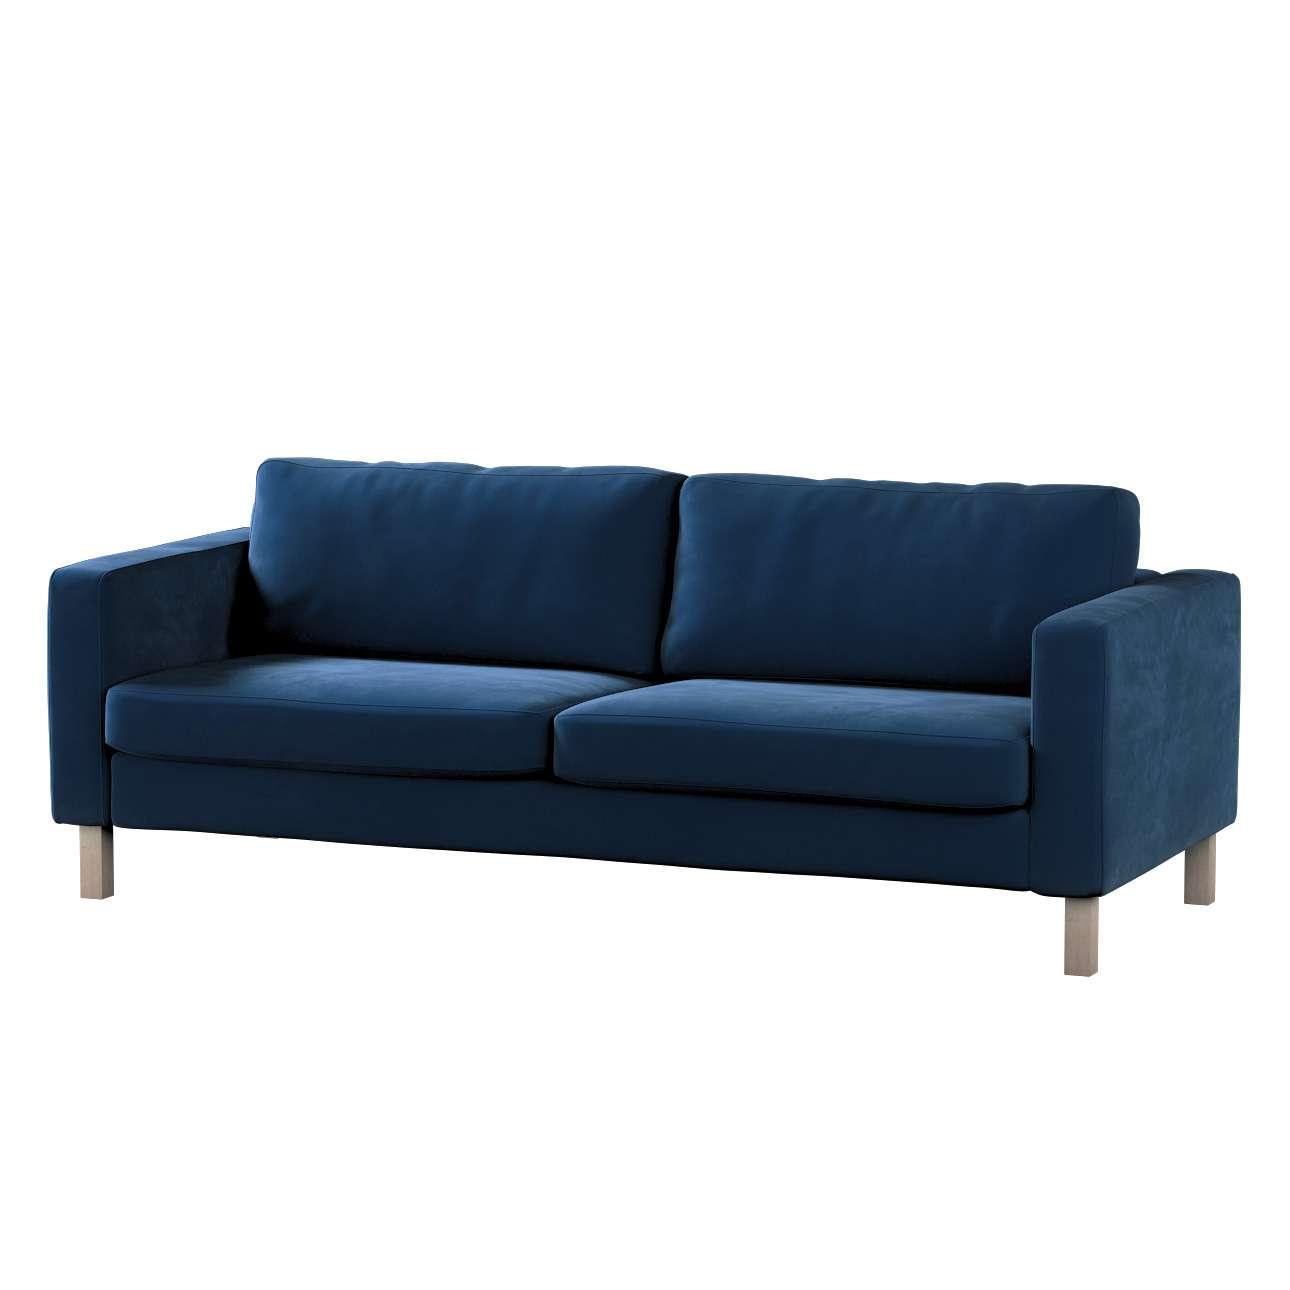 Pokrowiec na sofę Karlstad rozkładaną w kolekcji Velvet, tkanina: 704-29